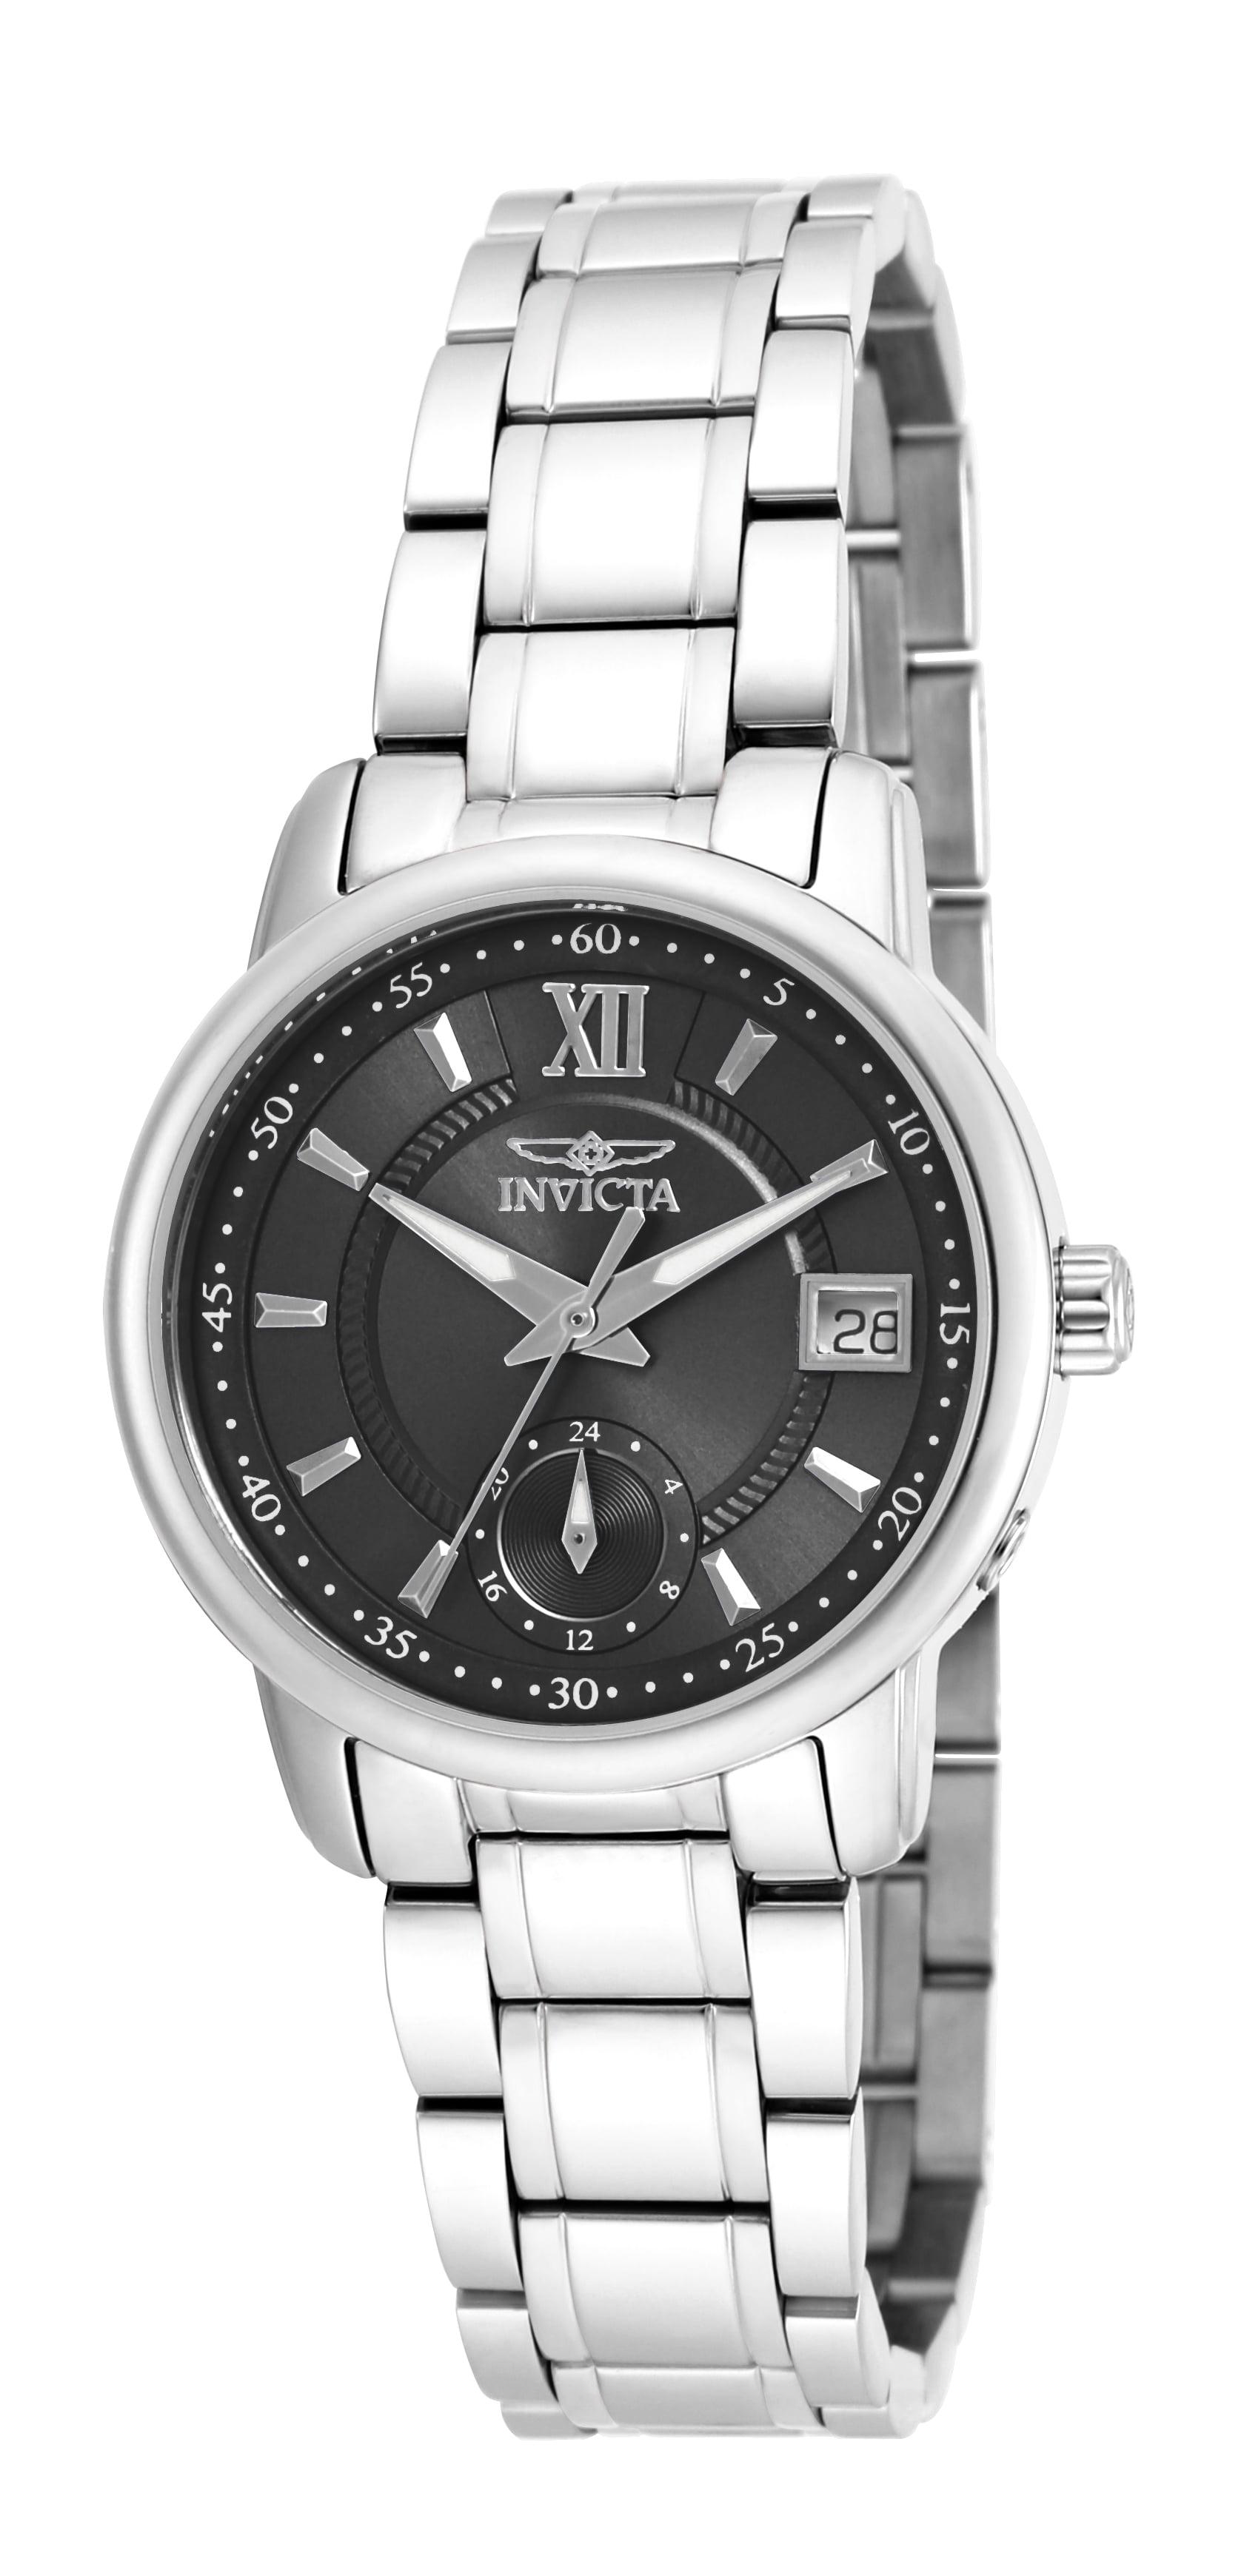 92dbb37dfca Invicta womens specialty analog display swiss quartz silver watch jpeg  450x450 Specialty analog